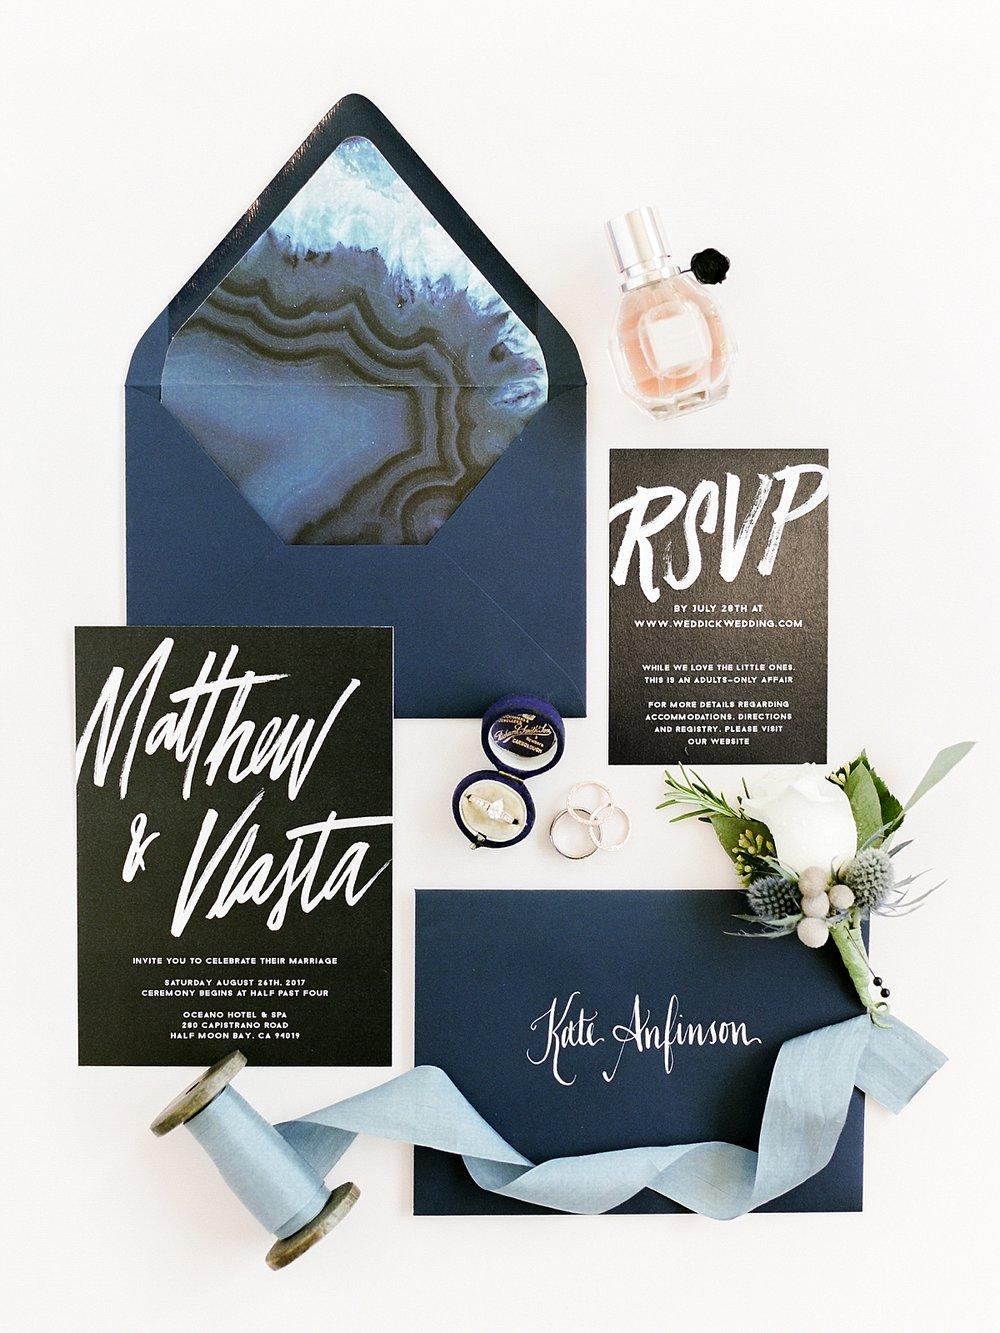 Modern Marbled Invitations for a Coastal Wedding